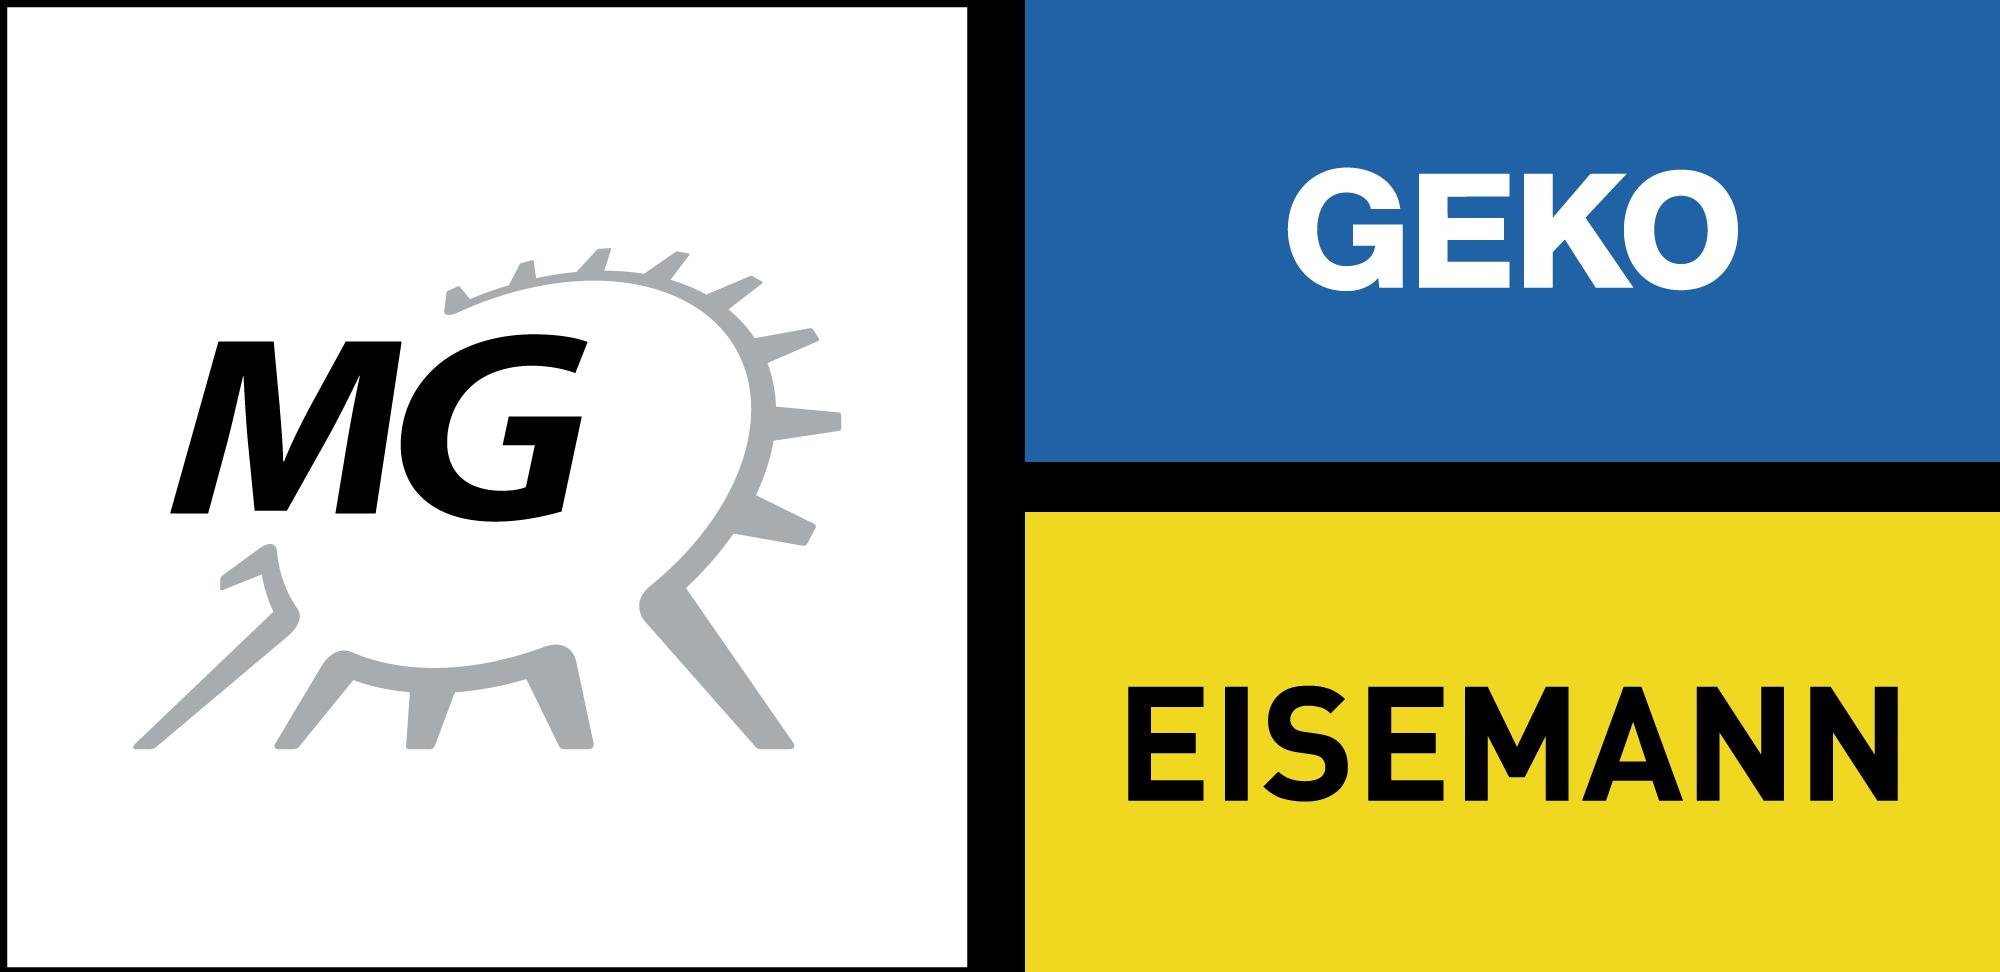 MG GEKO EISEMANN